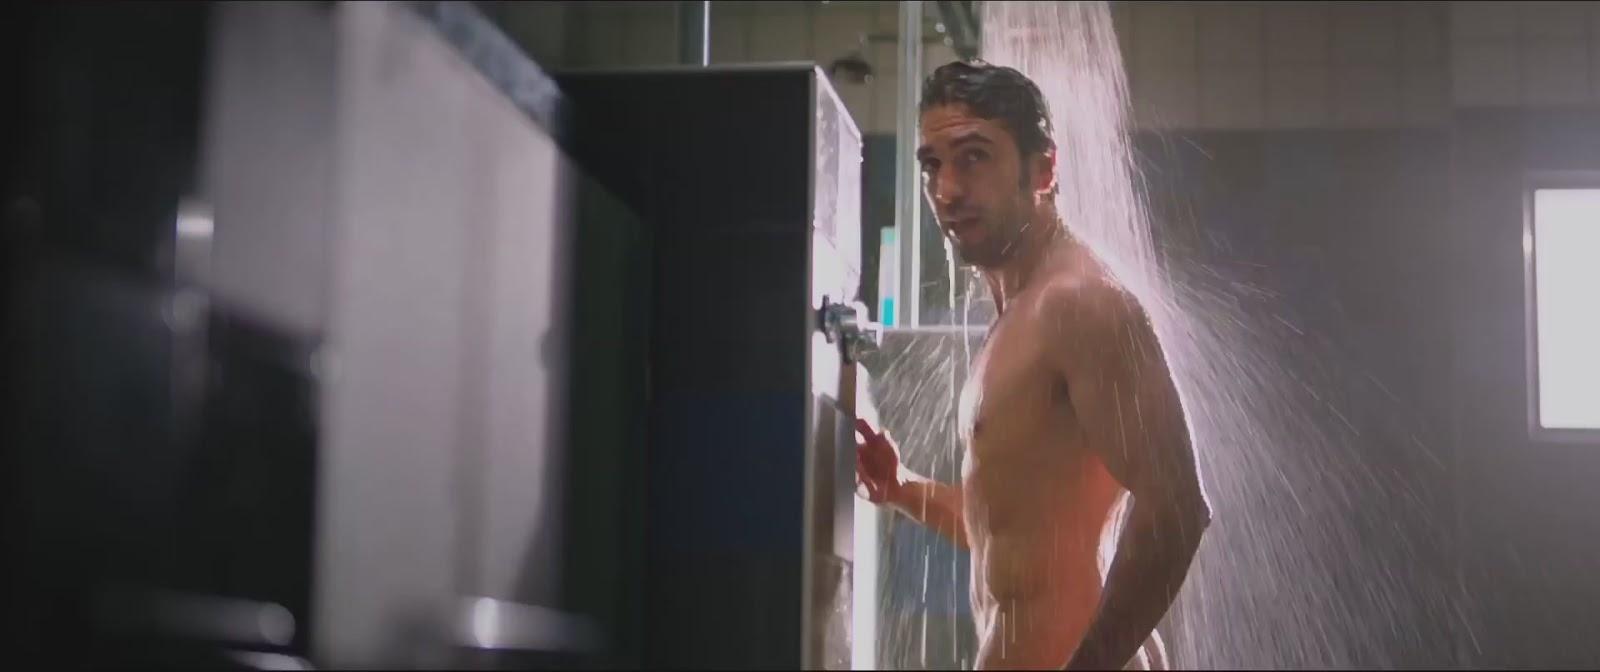 Elyas mbarek nude